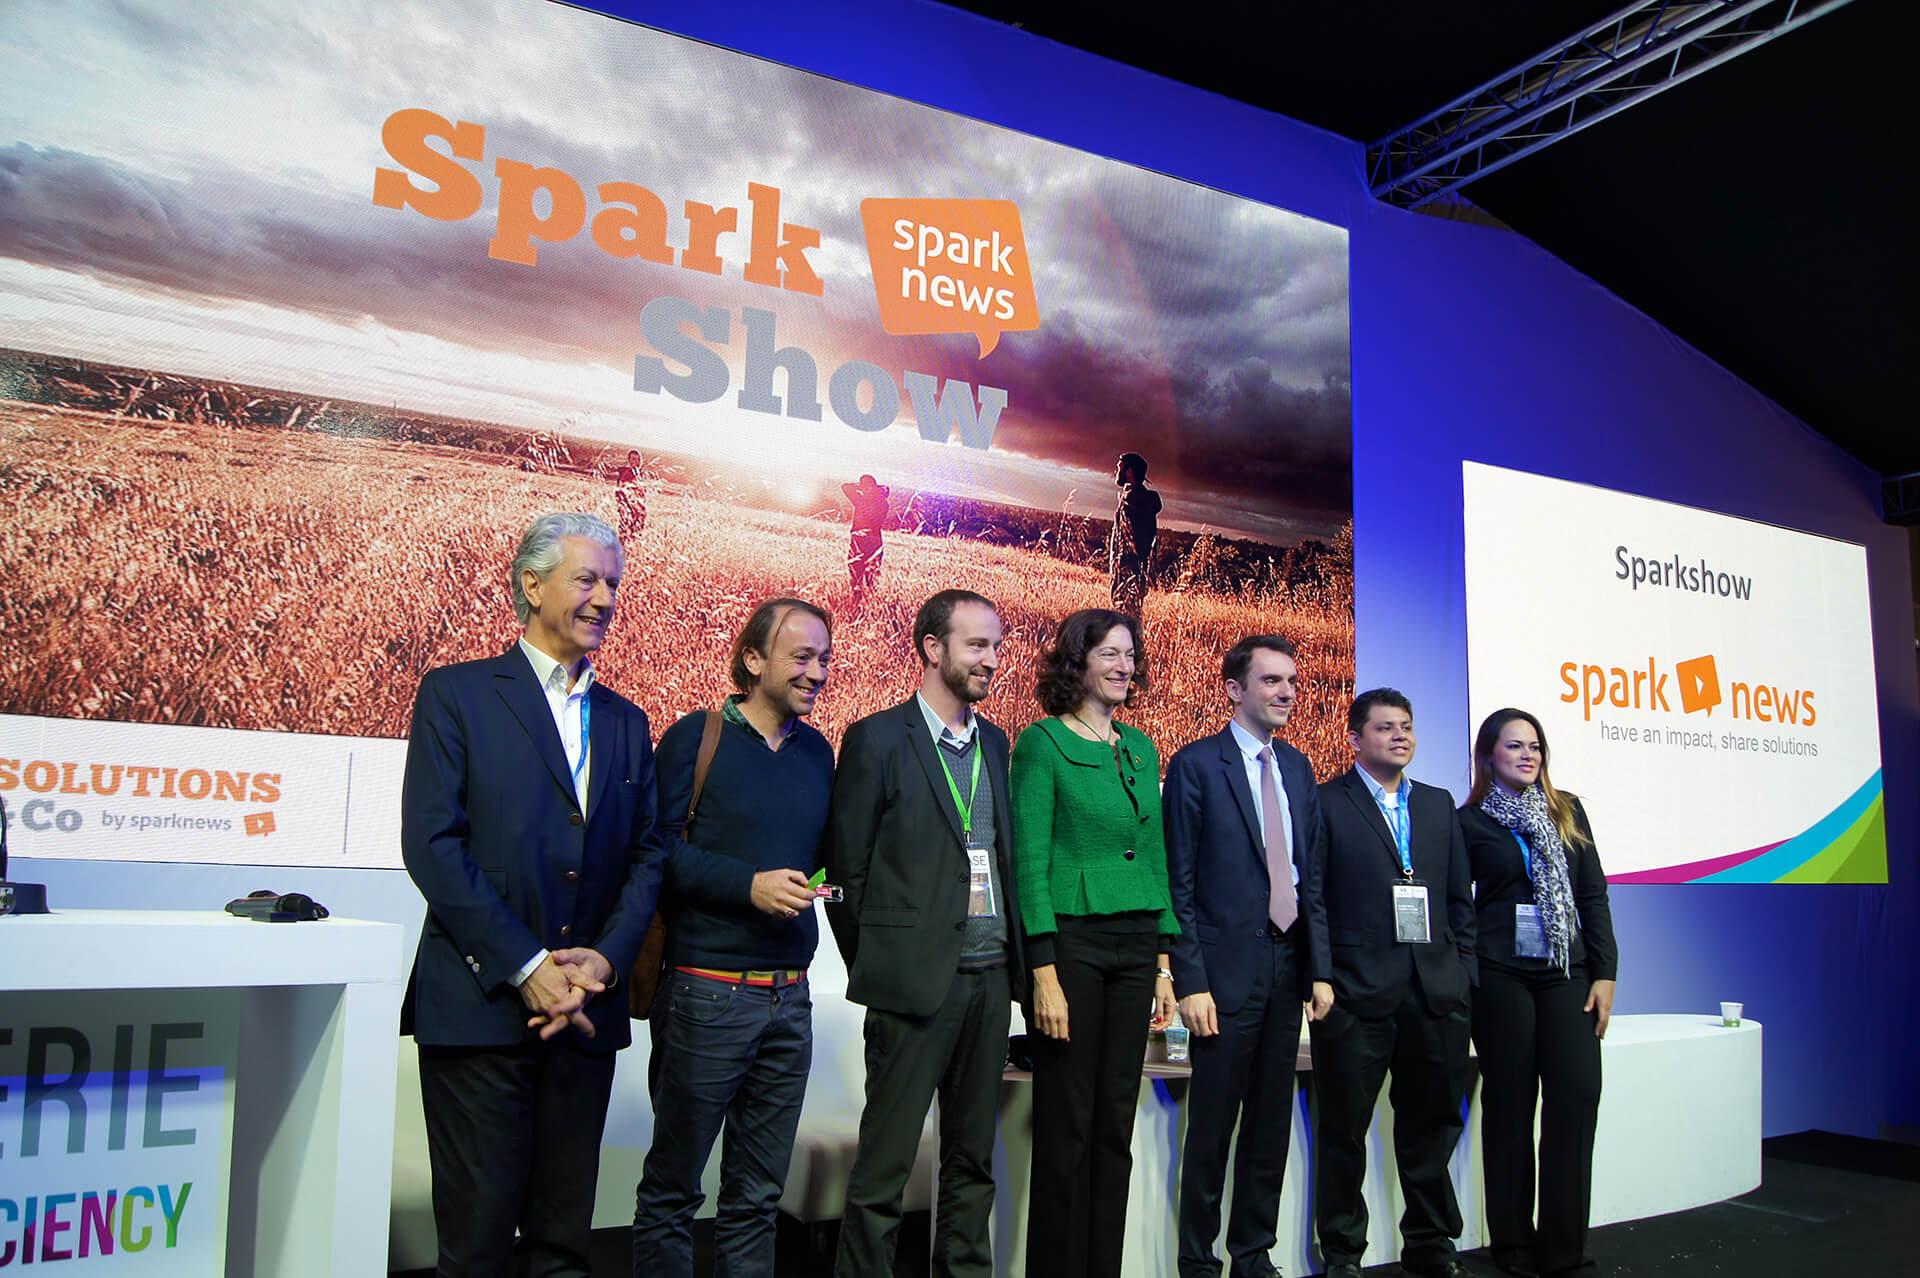 Sparkshow